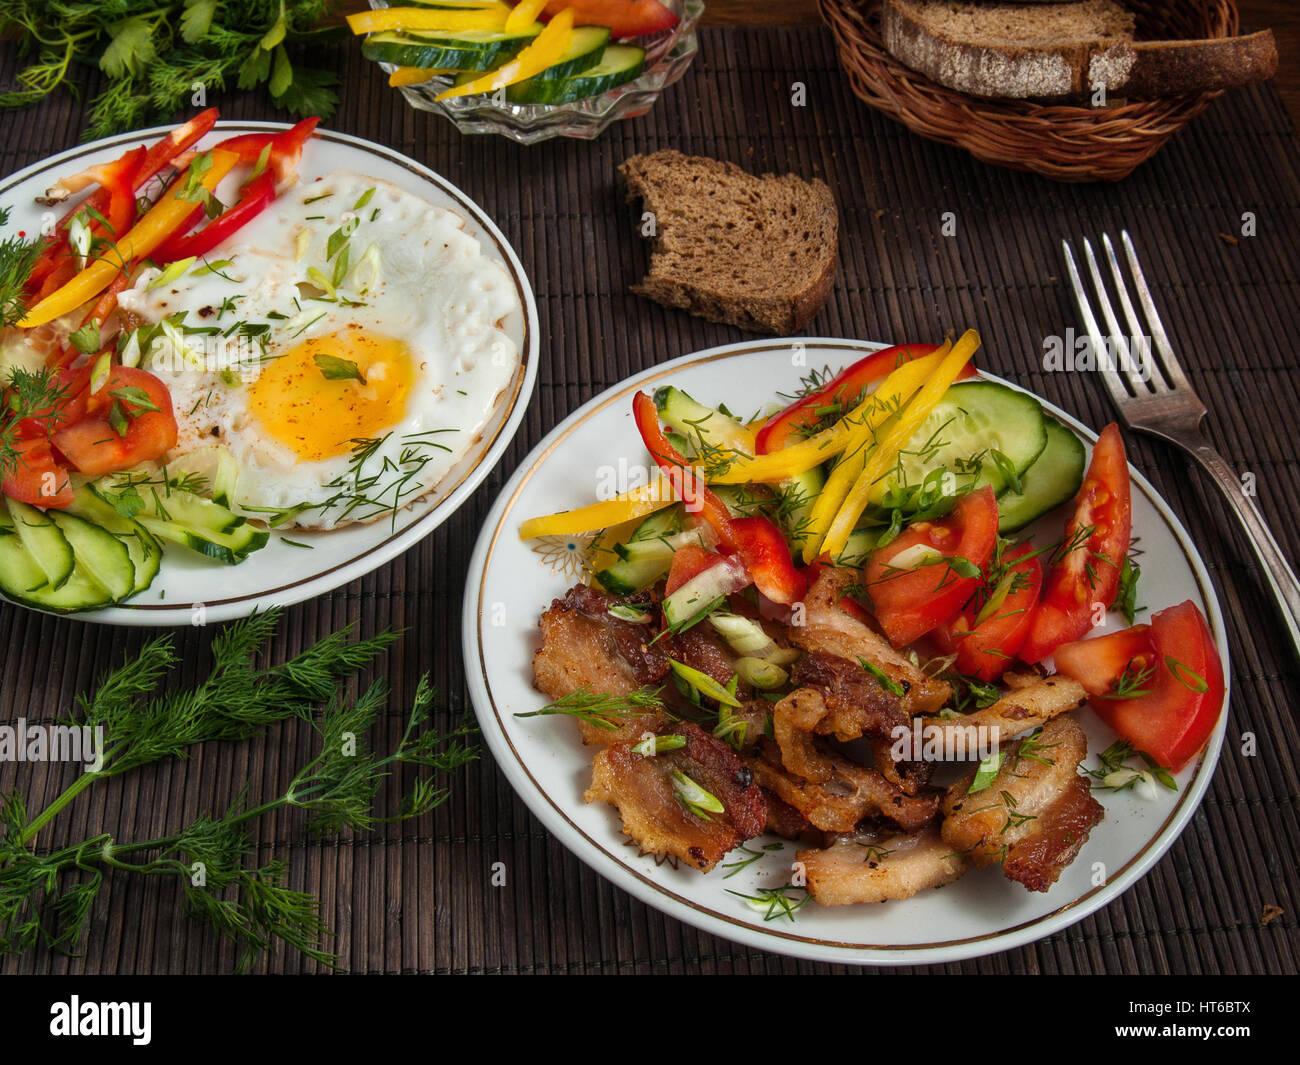 Bacon, huevos fritos y verduras con pimiento, tomate y verdes en las placas blancas sobre una mesa en una servilleta Imagen De Stock